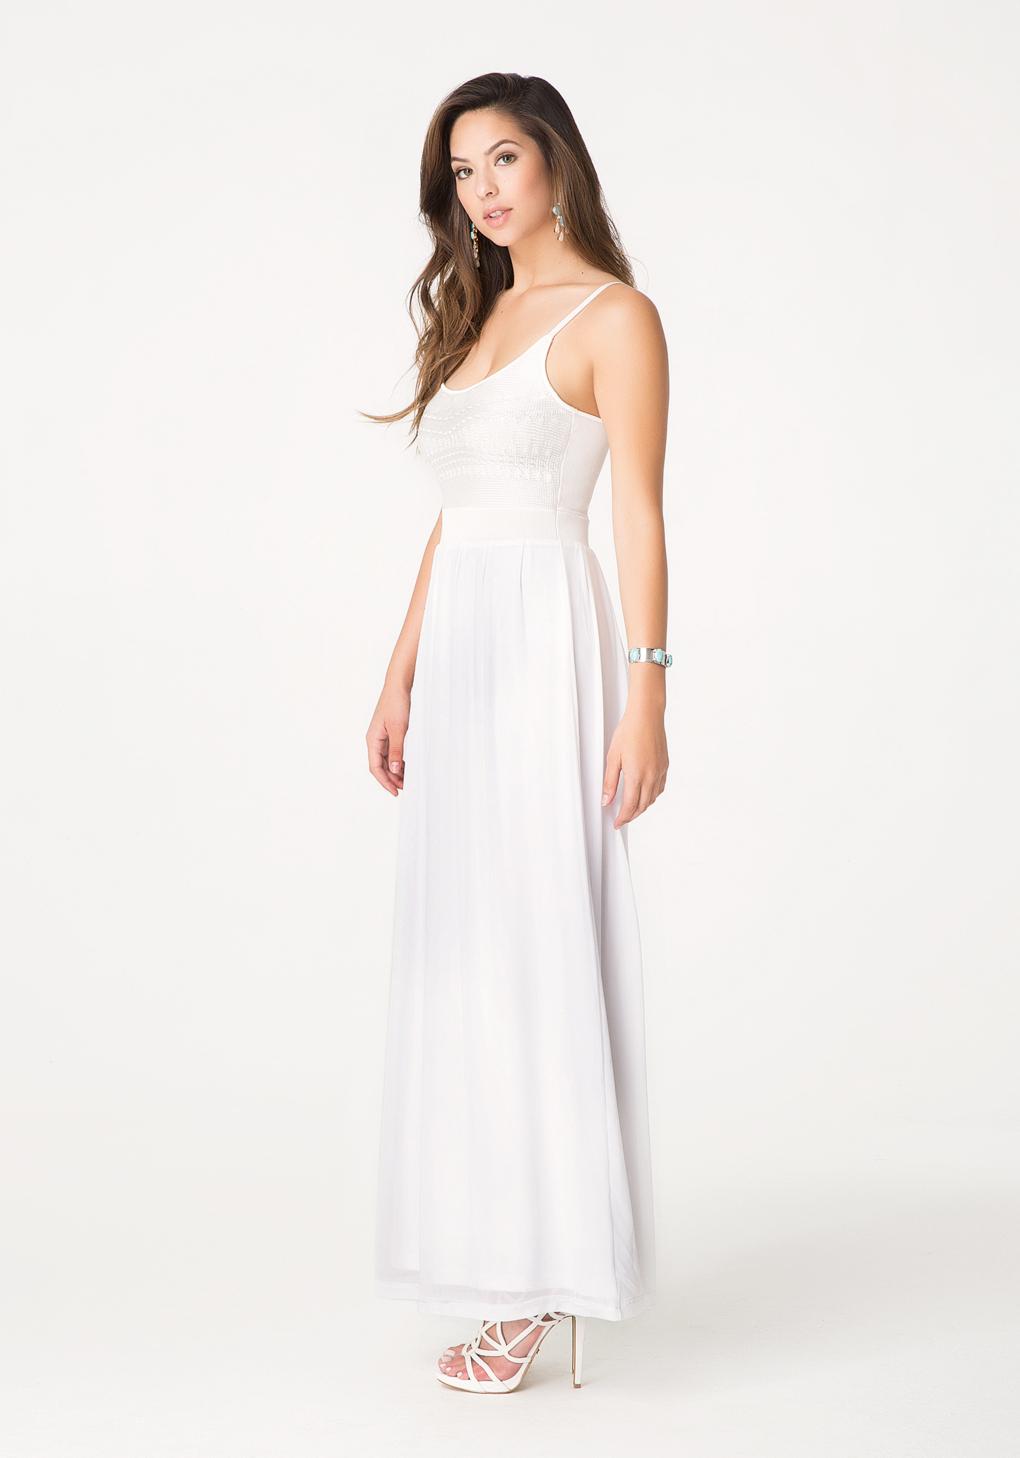 e6dac78c27d Bebe Petite 2-Fer Maxi Dress in White - Lyst